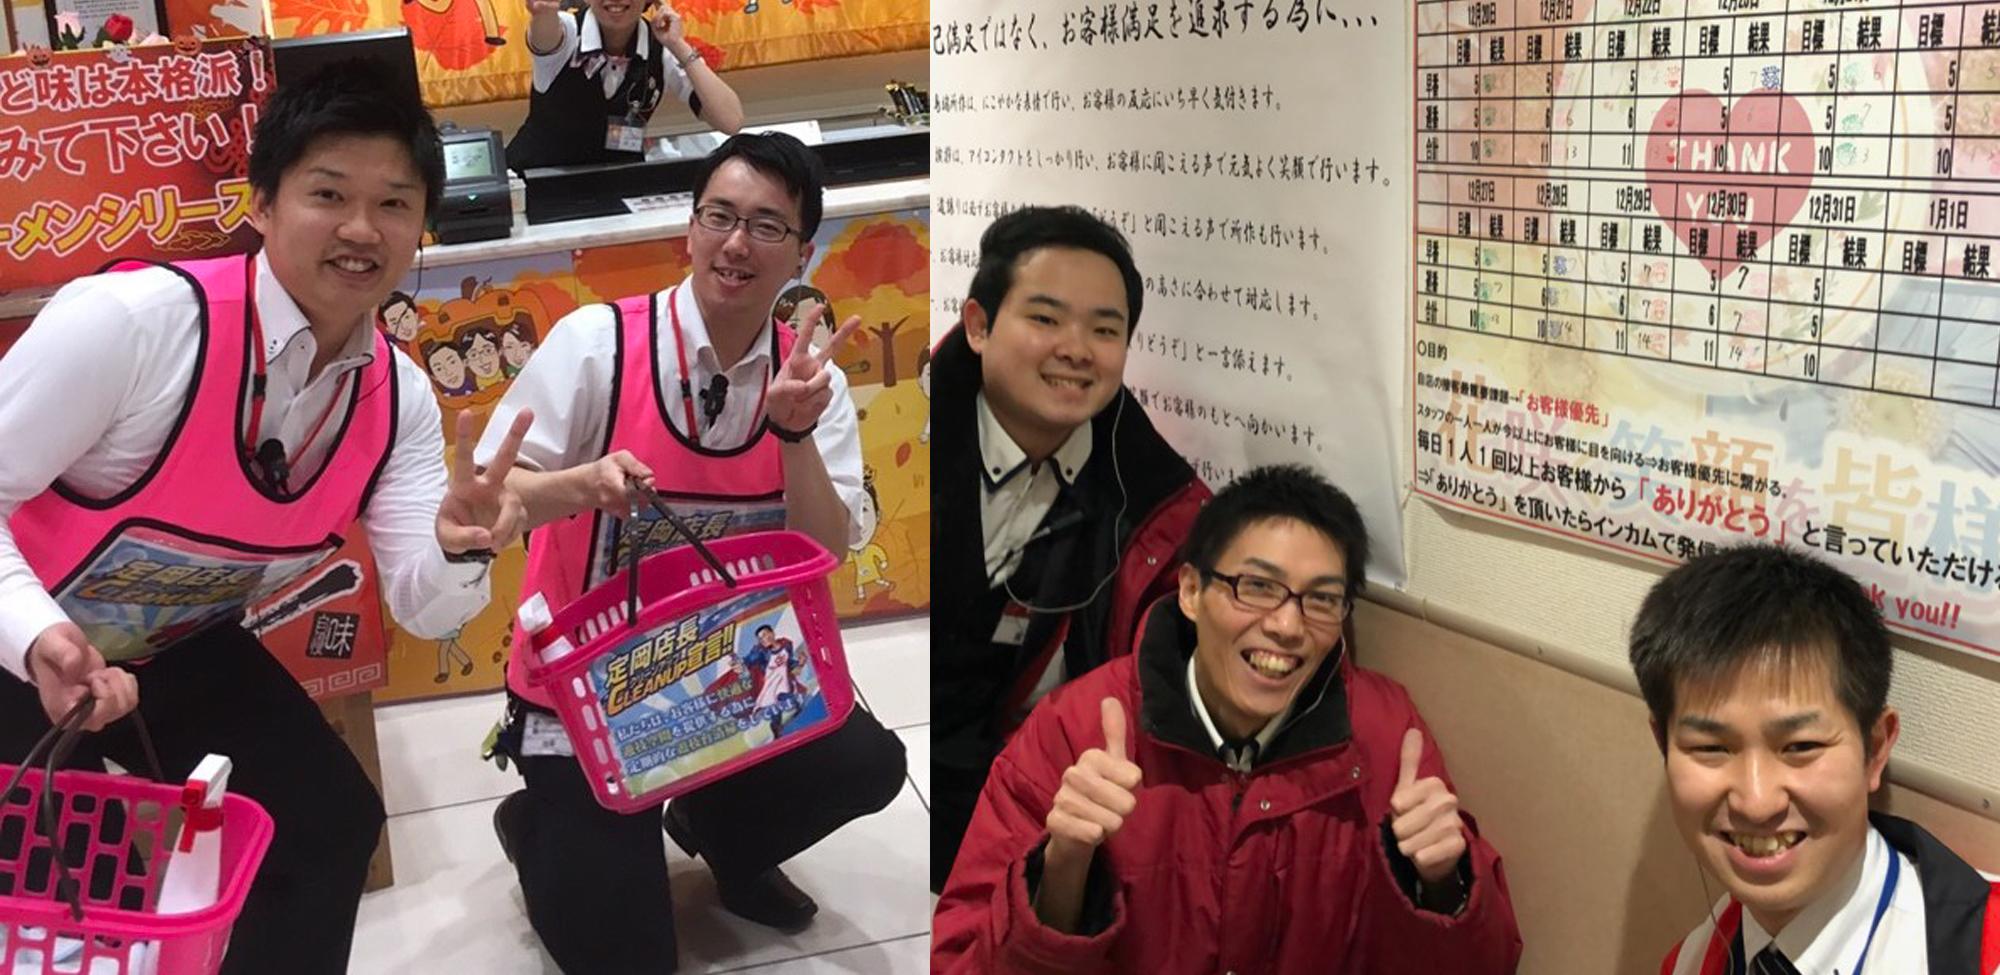 山陽新聞に弊社記事掲載